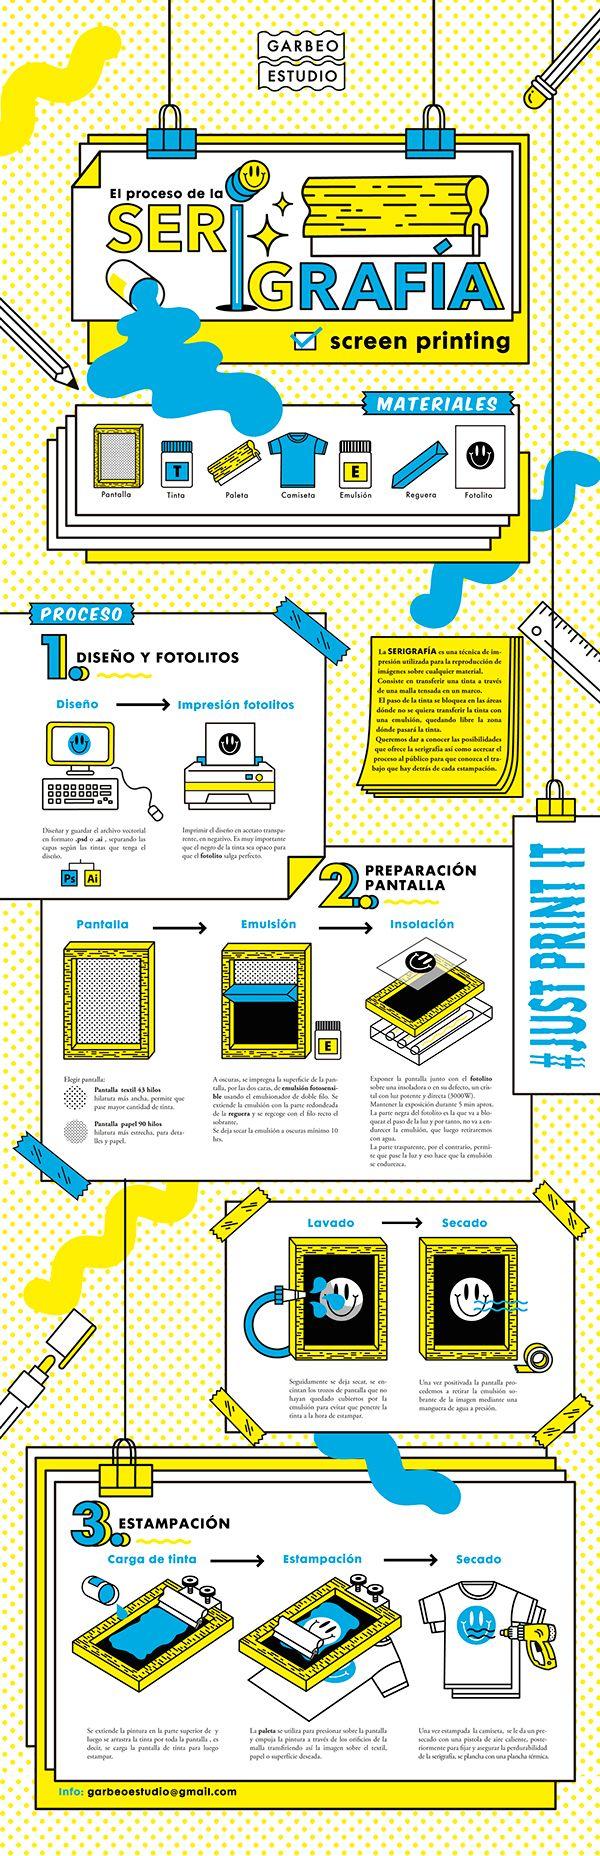 infographie s u00e9rigraphie